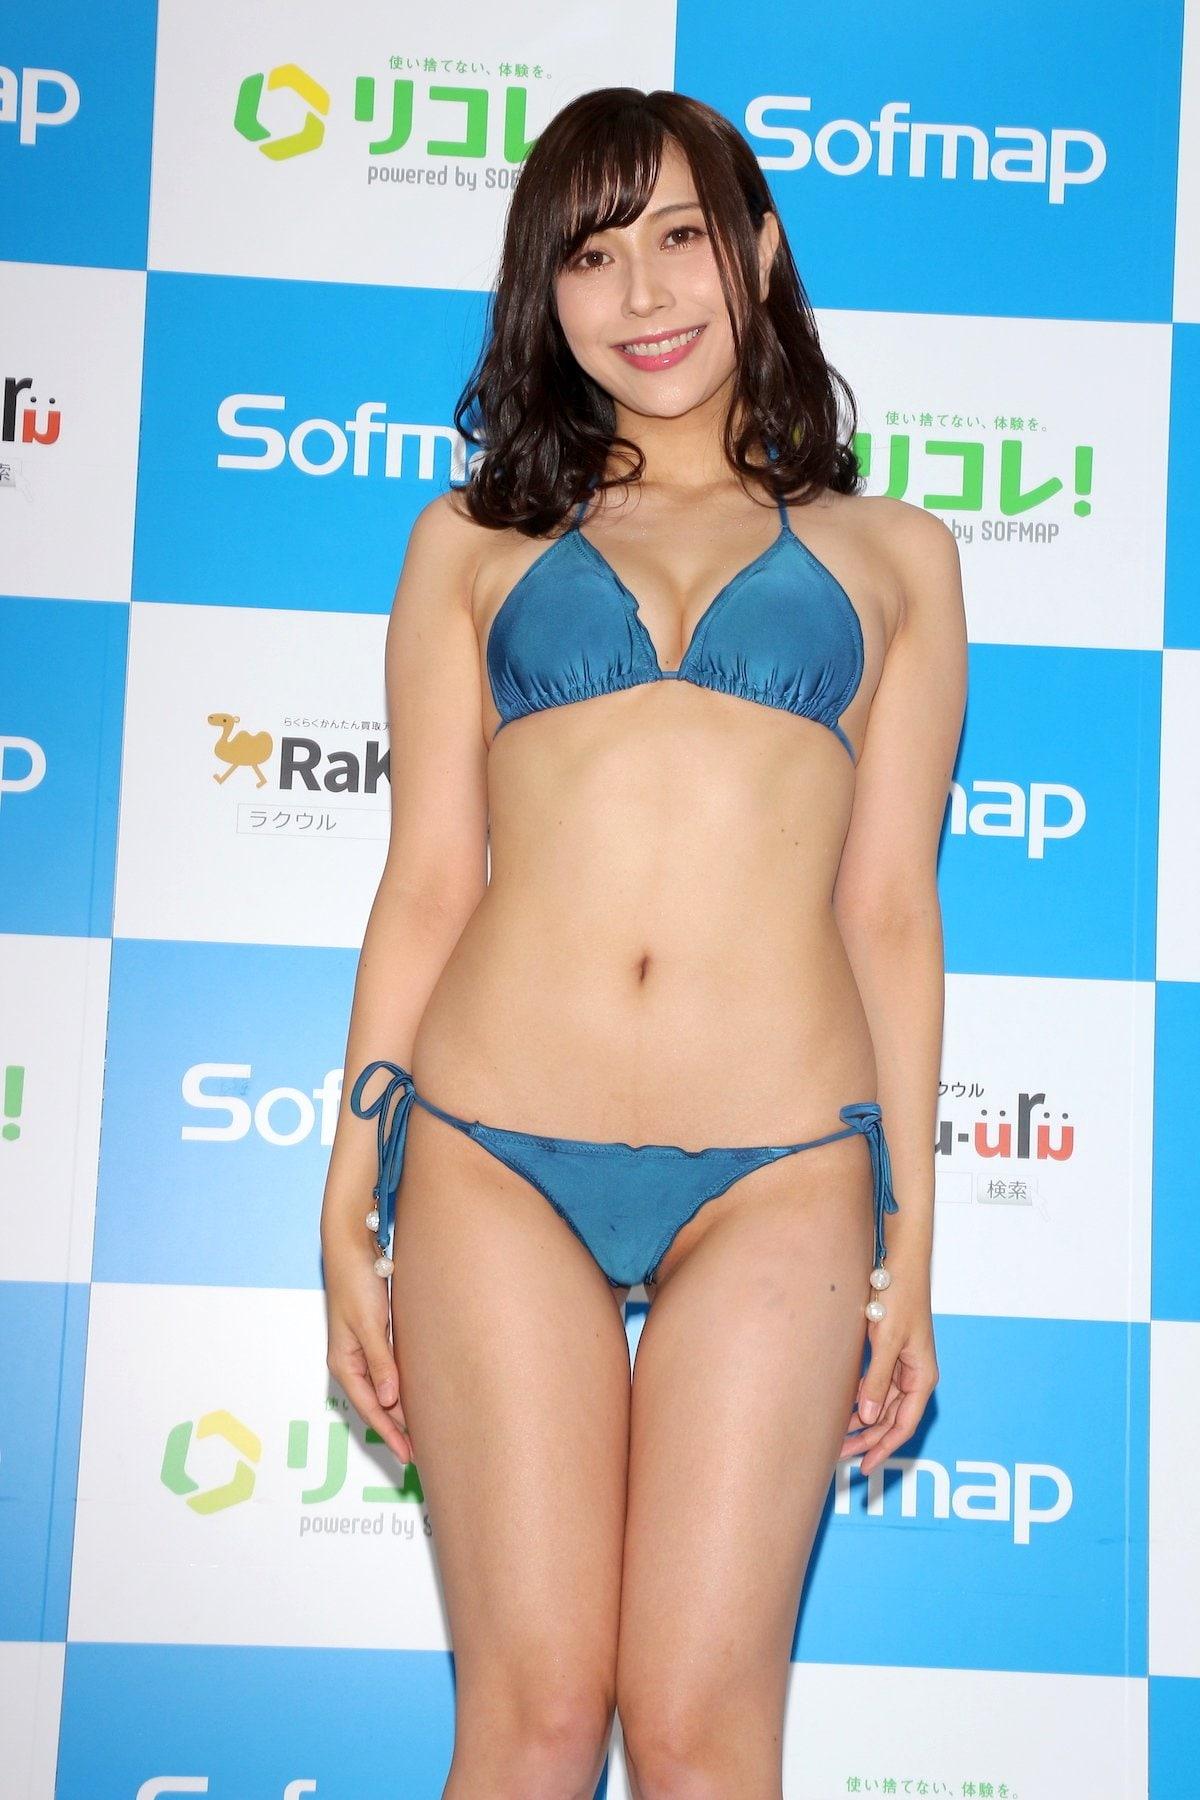 緑川ちひろ「痴女が歩き回ってる」台湾で職質されちゃいました【画像50枚】の画像006